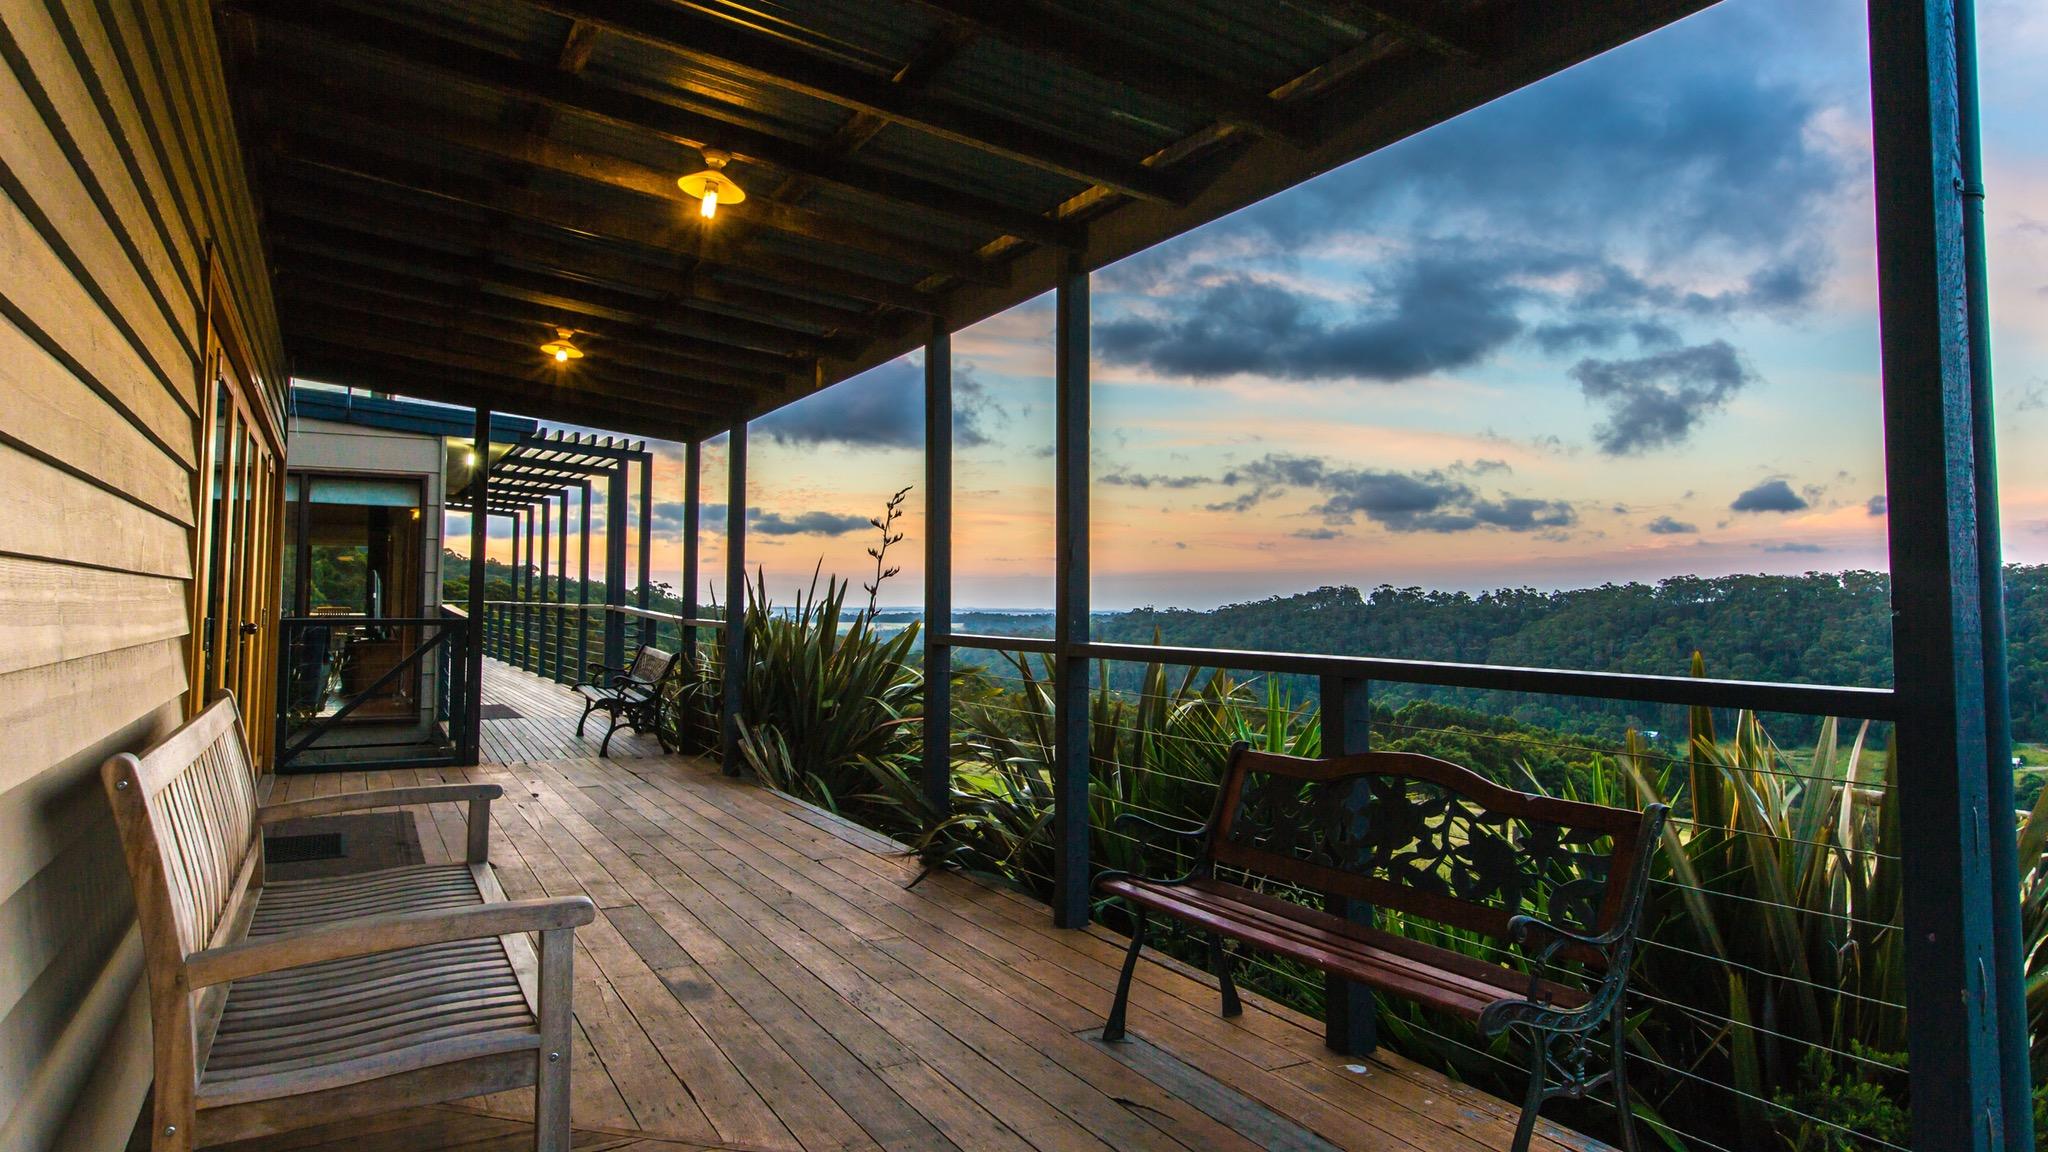 Lodge verandah at dusk